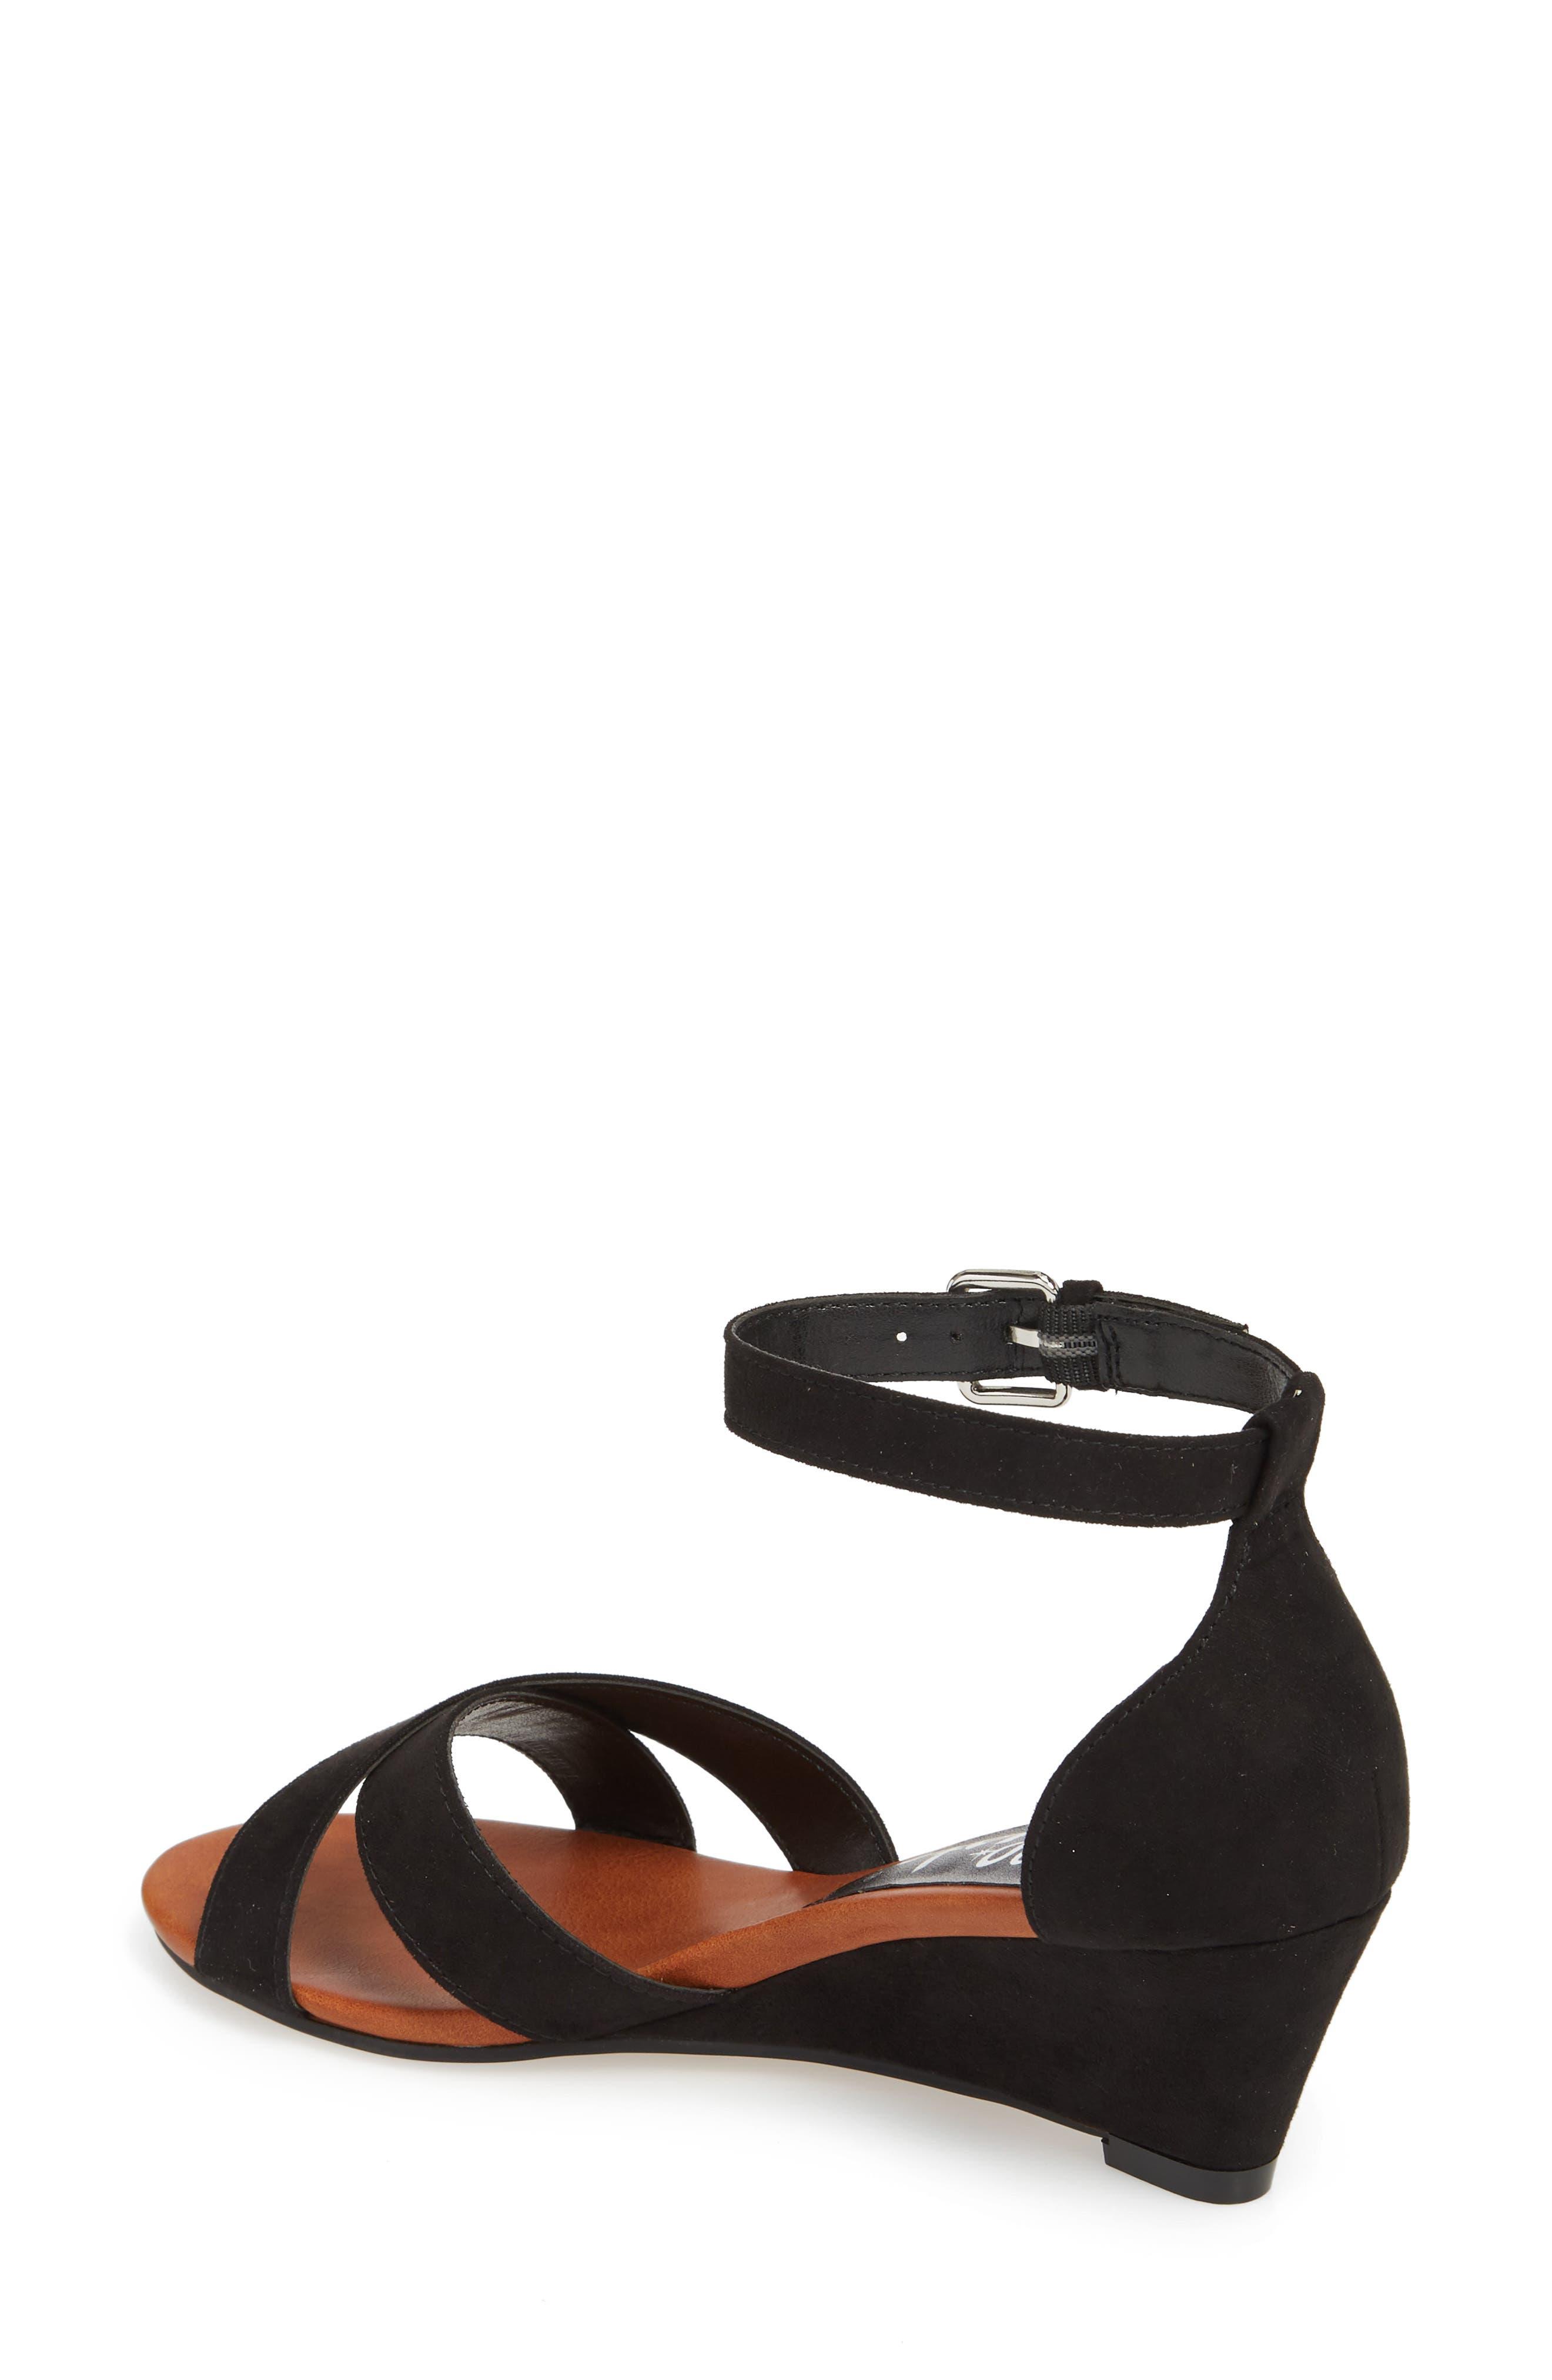 Strobe Wedge Sandal,                             Alternate thumbnail 2, color,                             003